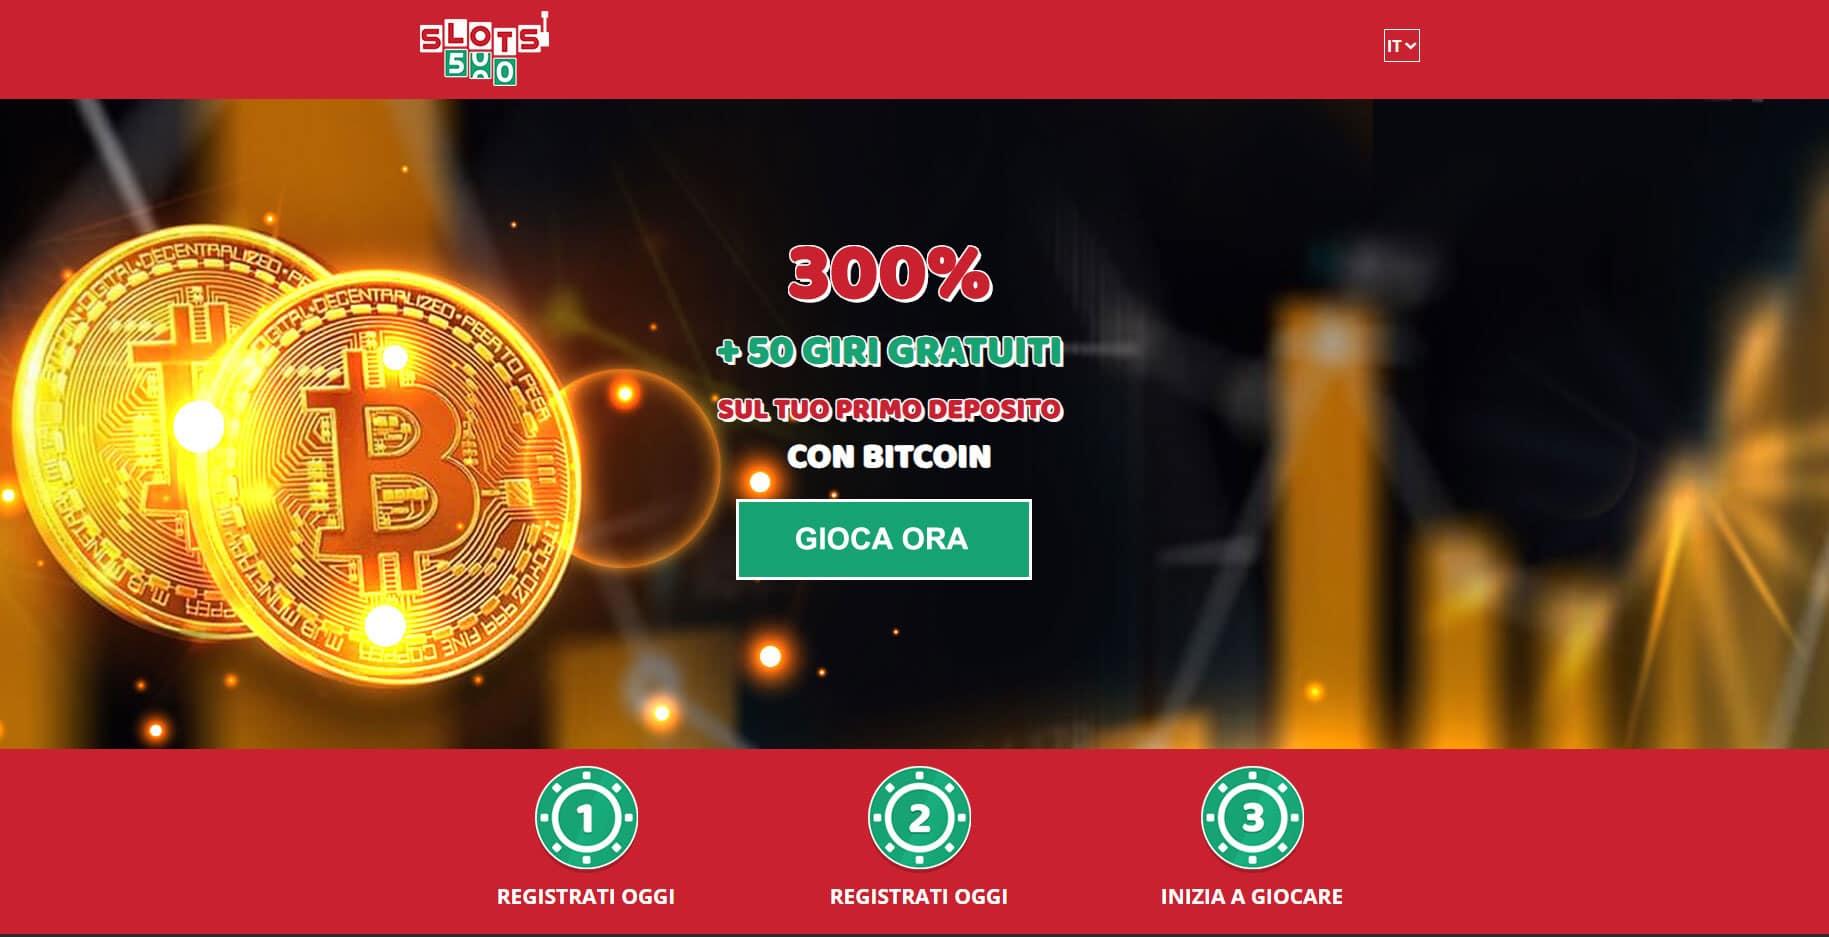 migliori casino bitcoin online 2019